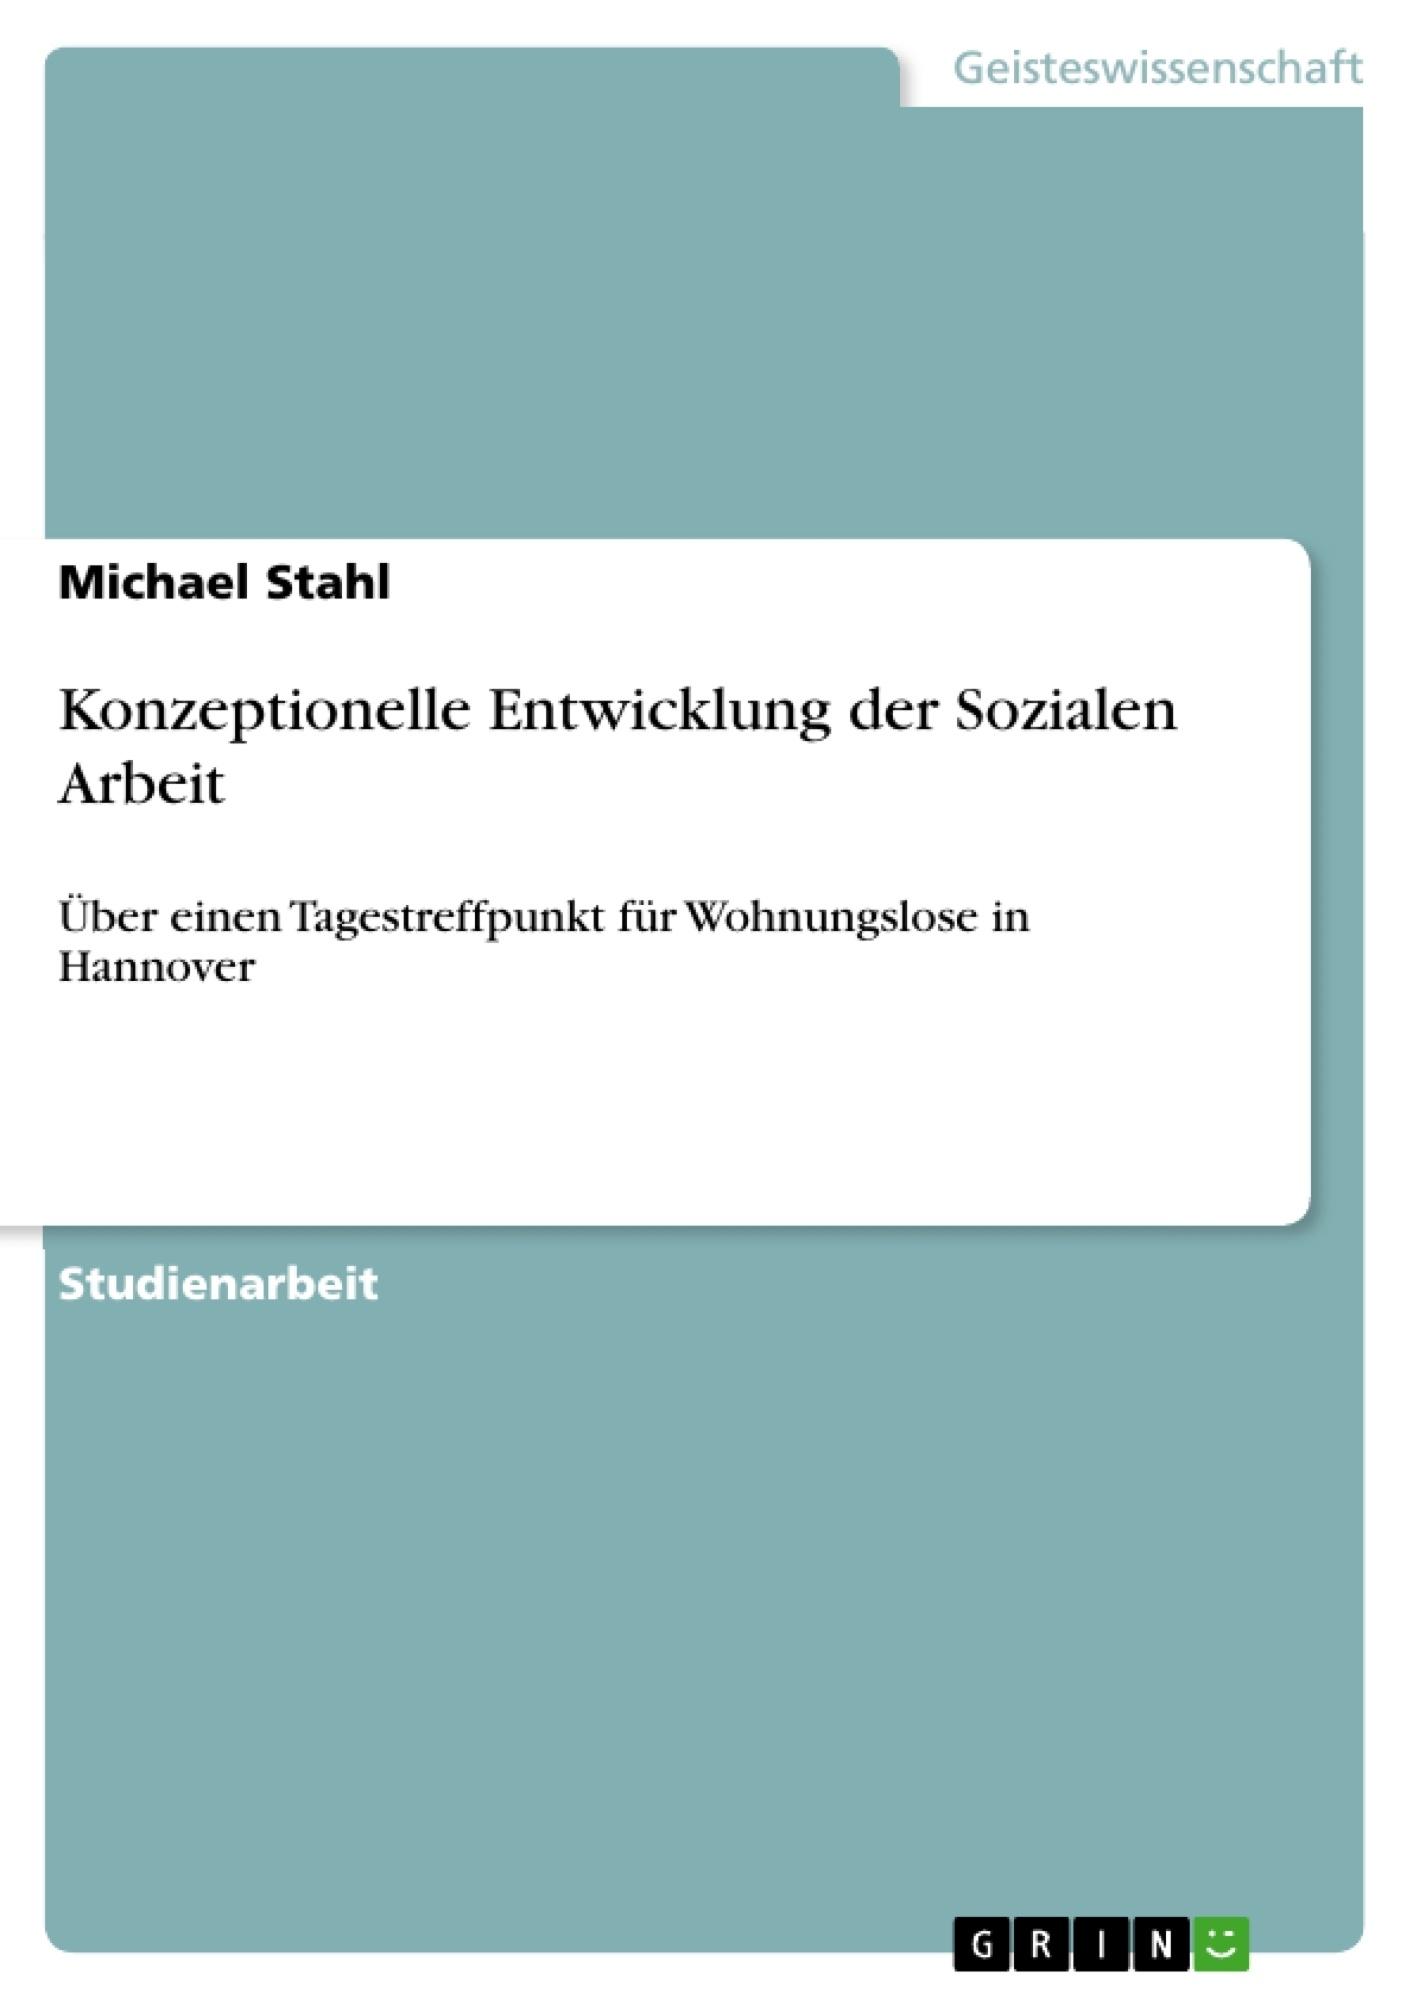 Titel: Konzeptionelle Entwicklung der Sozialen Arbeit